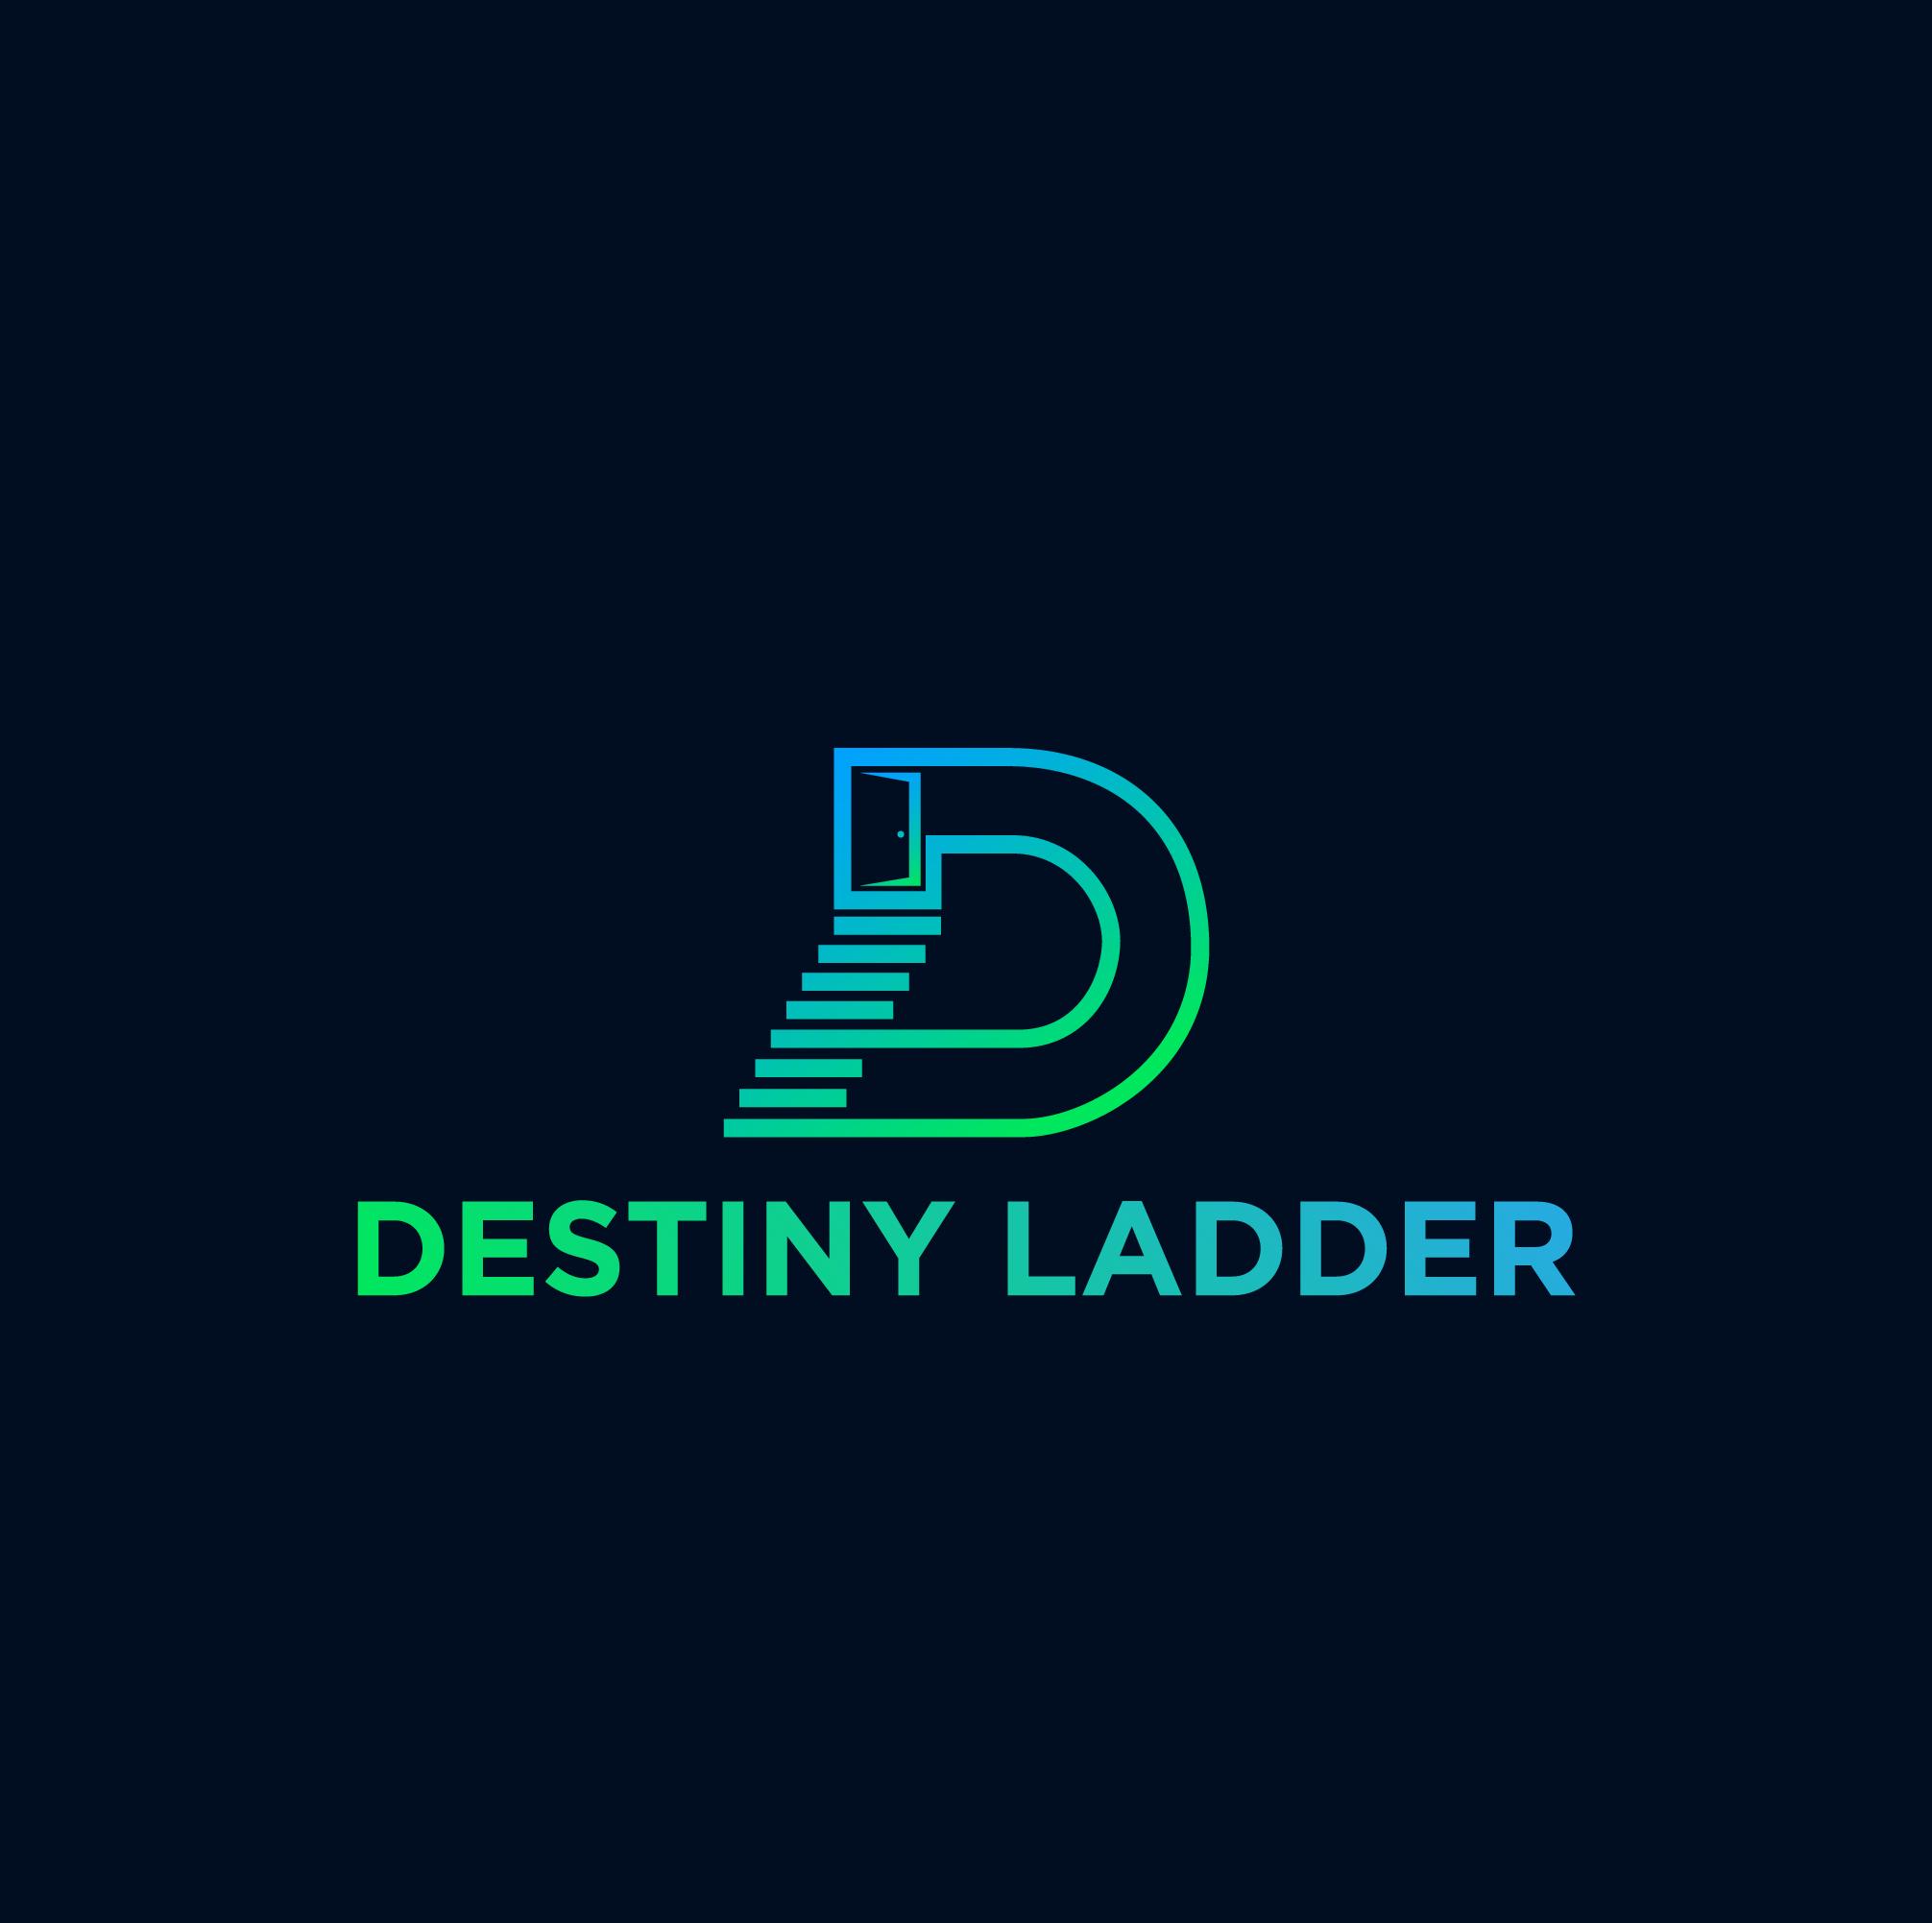 Design a captivating logo for website